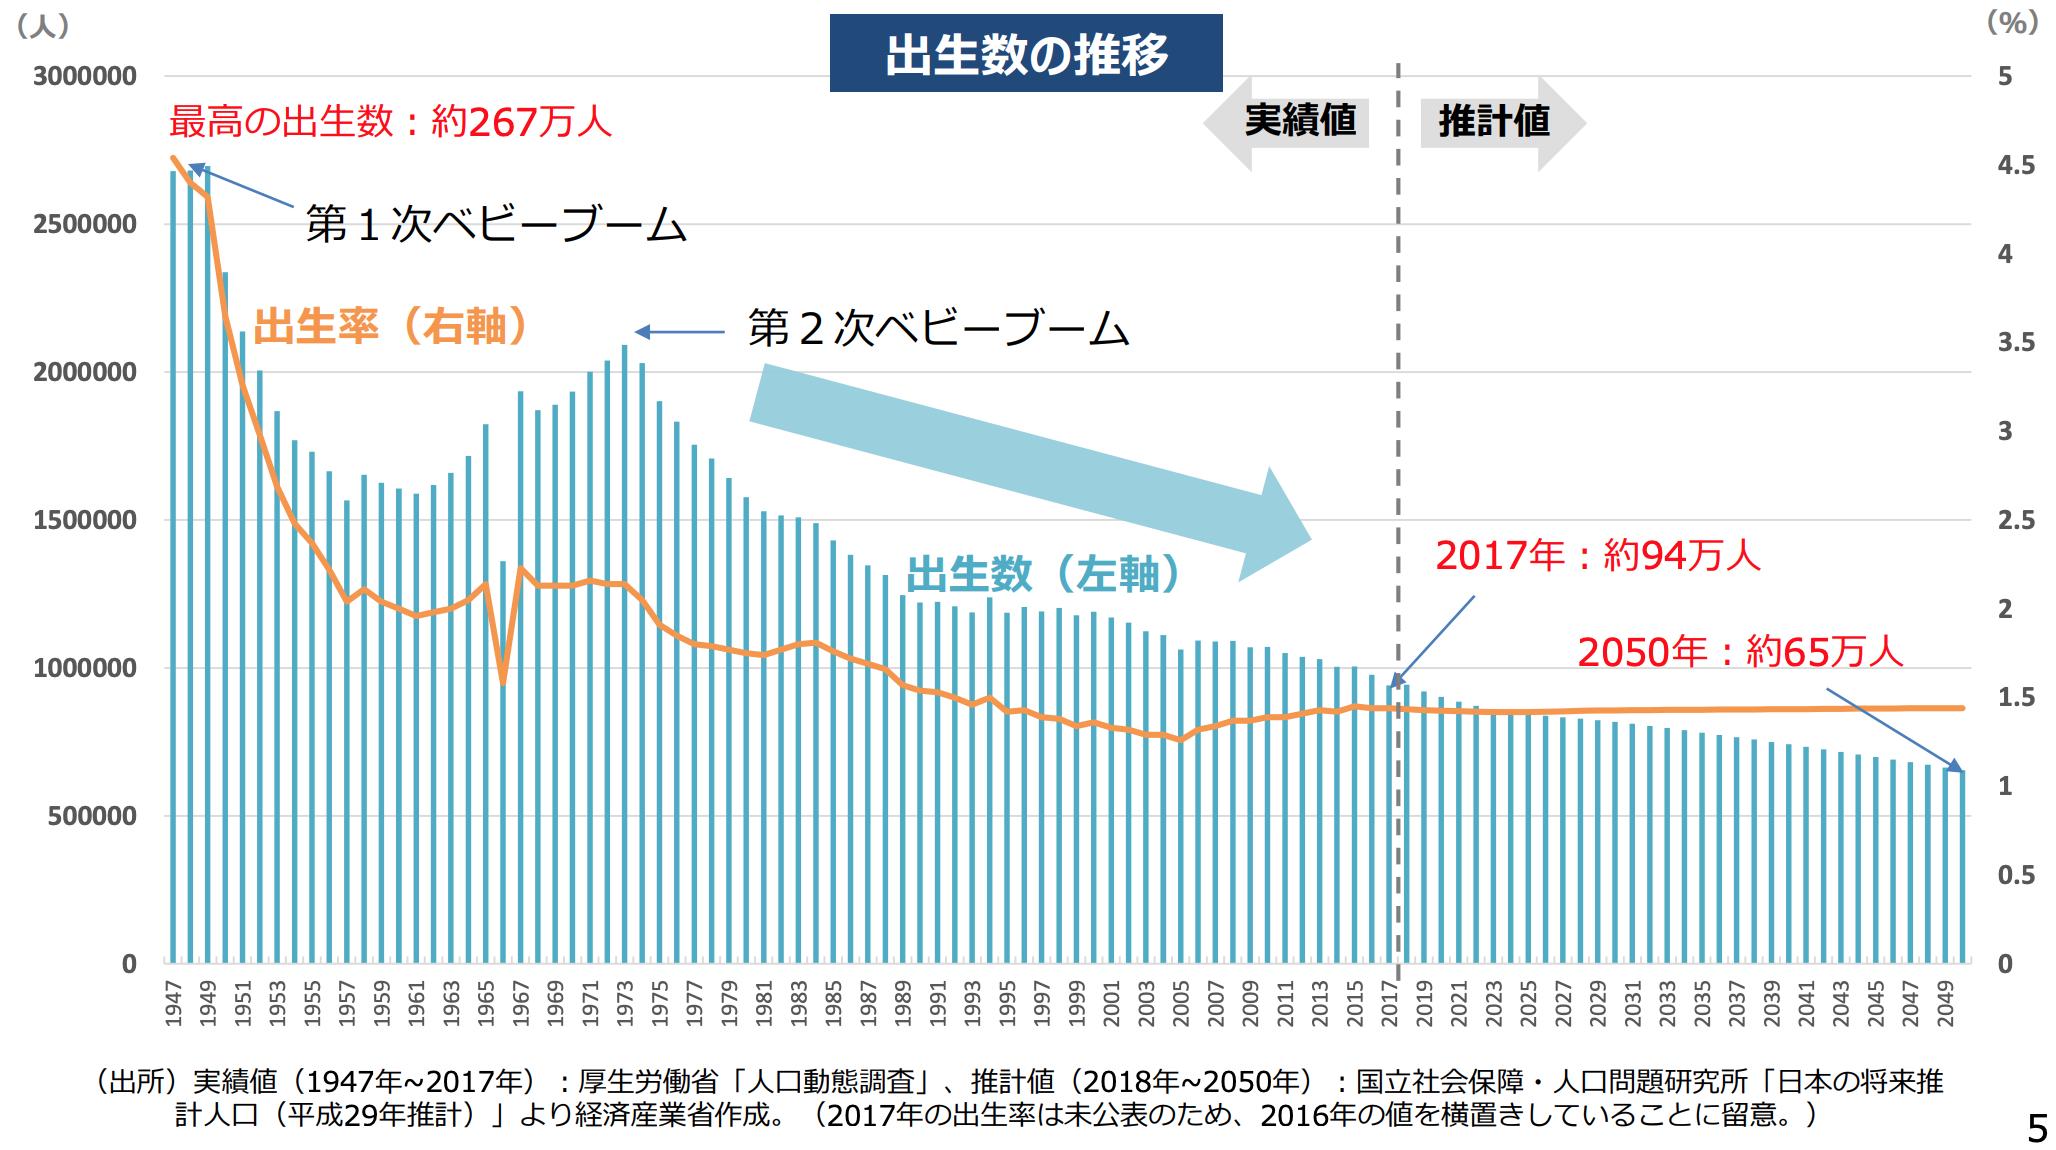 日本の2050年までの人口動態の変化:『ビジネス2.0』の視点 ...